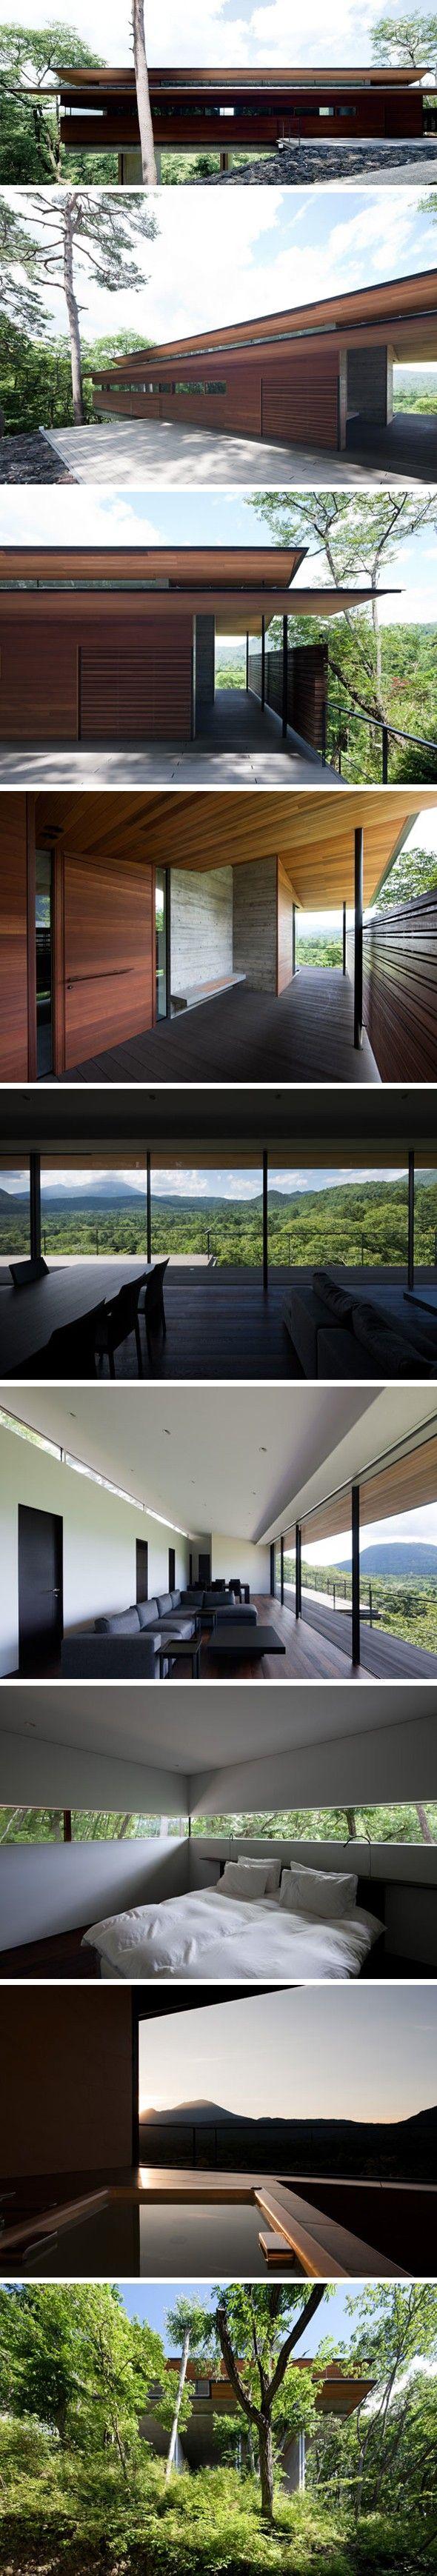 Prenons un peu de hauteur Cette résidence de 145 m2 réalisée par l'architecte japonais Hirotaka Kidosaki est perchée sur une montagne luxuriante dans la pr